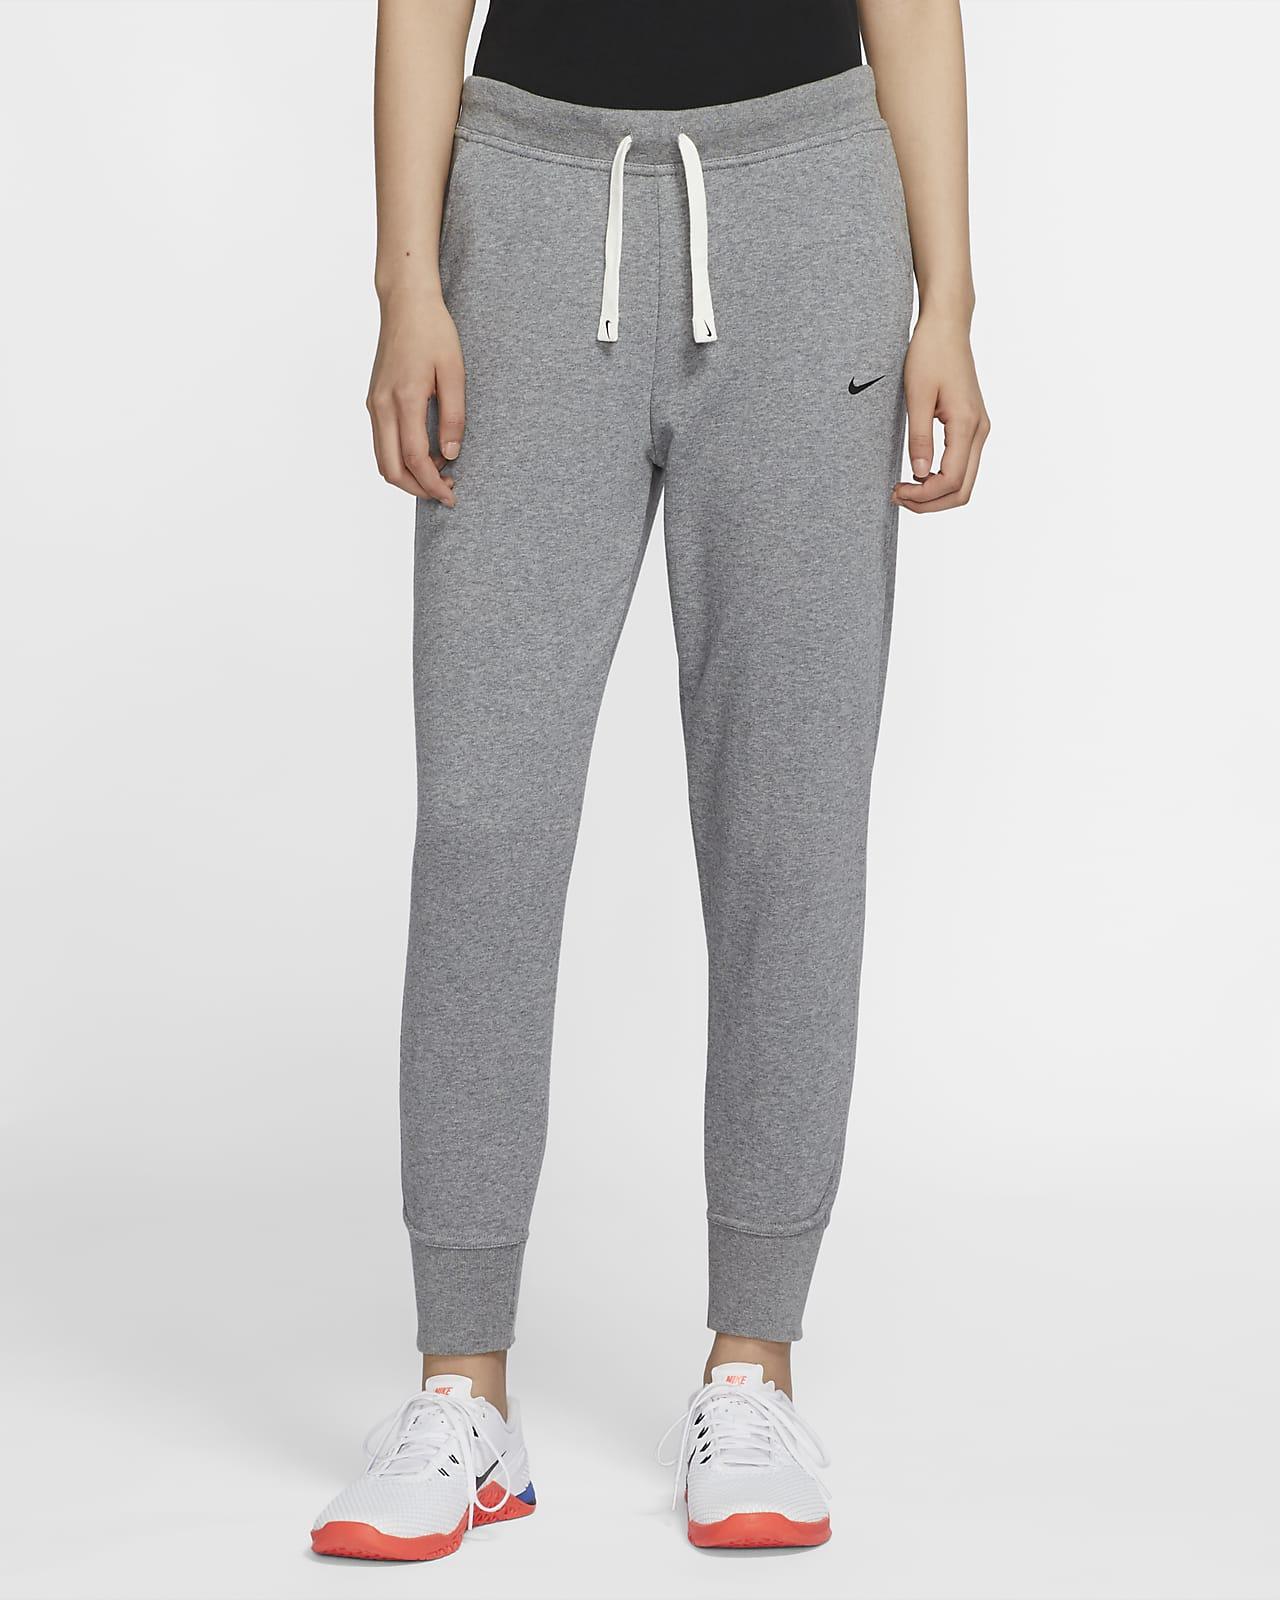 Nike Dri-FIT Get Fit Pantalón de entrenamiento - Mujer